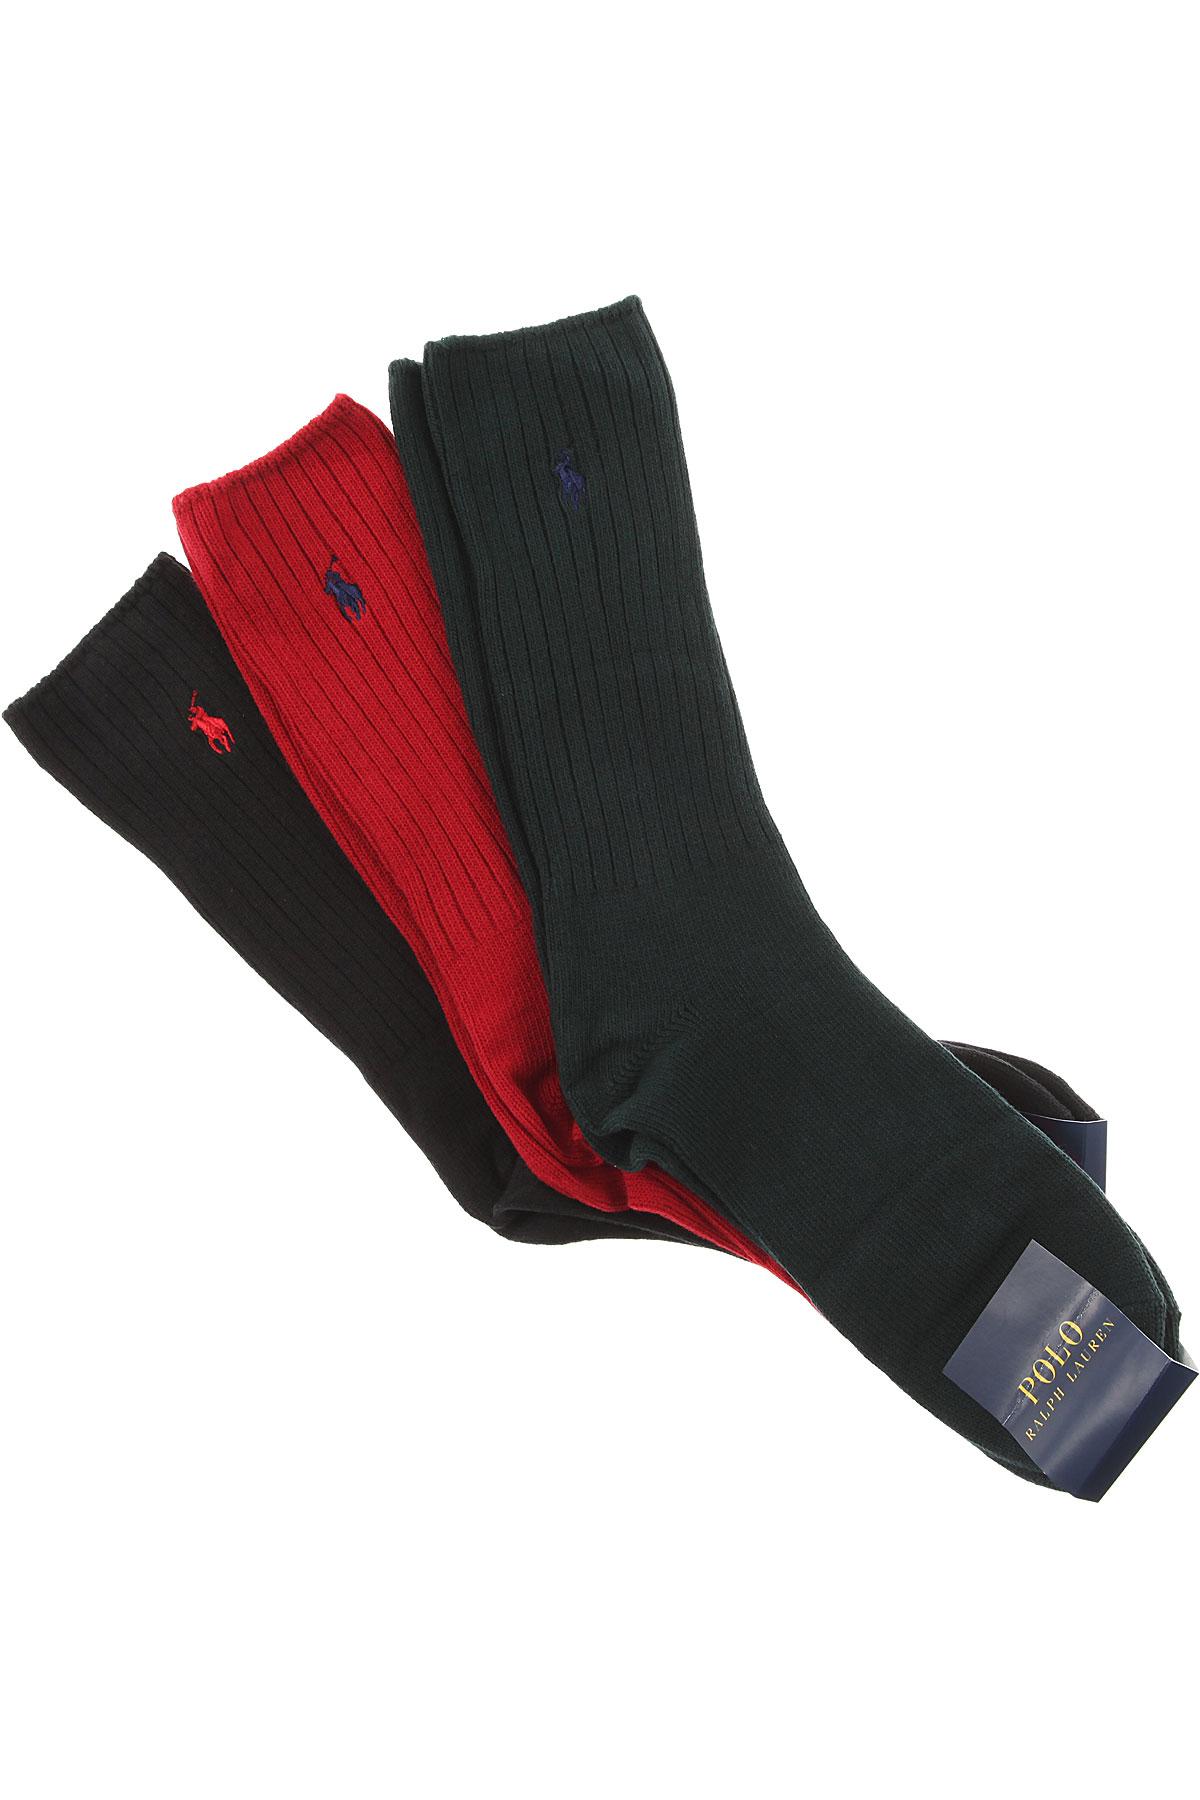 Ralph Lauren Socks Mens Underwear, 3 Pack, Red, Cotton, 2019